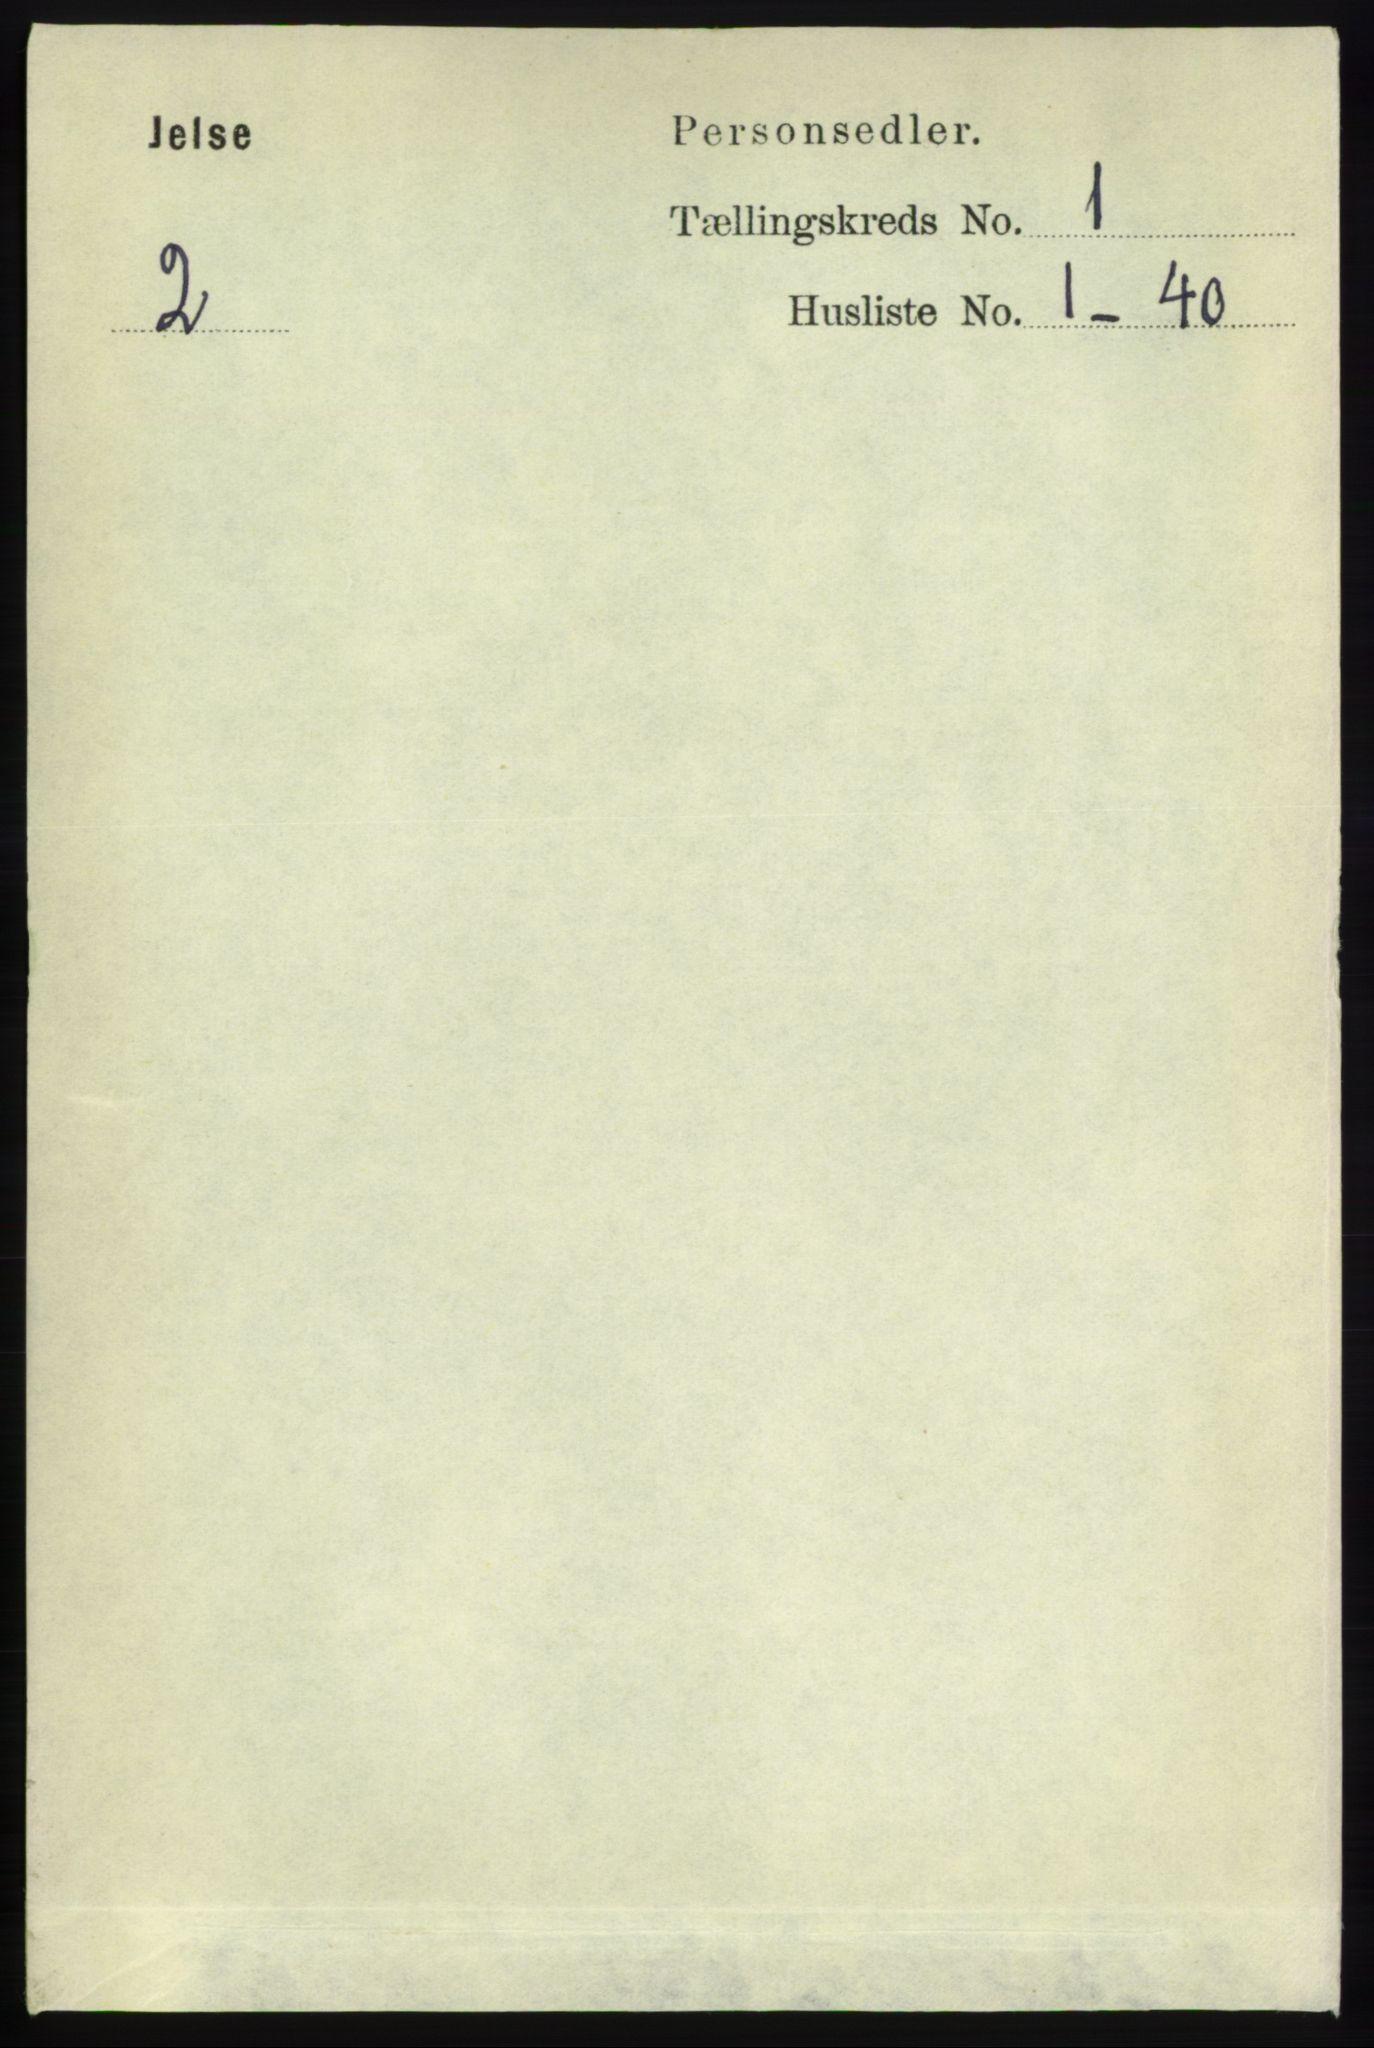 RA, Folketelling 1891 for 1138 Jelsa herred, 1891, s. 71